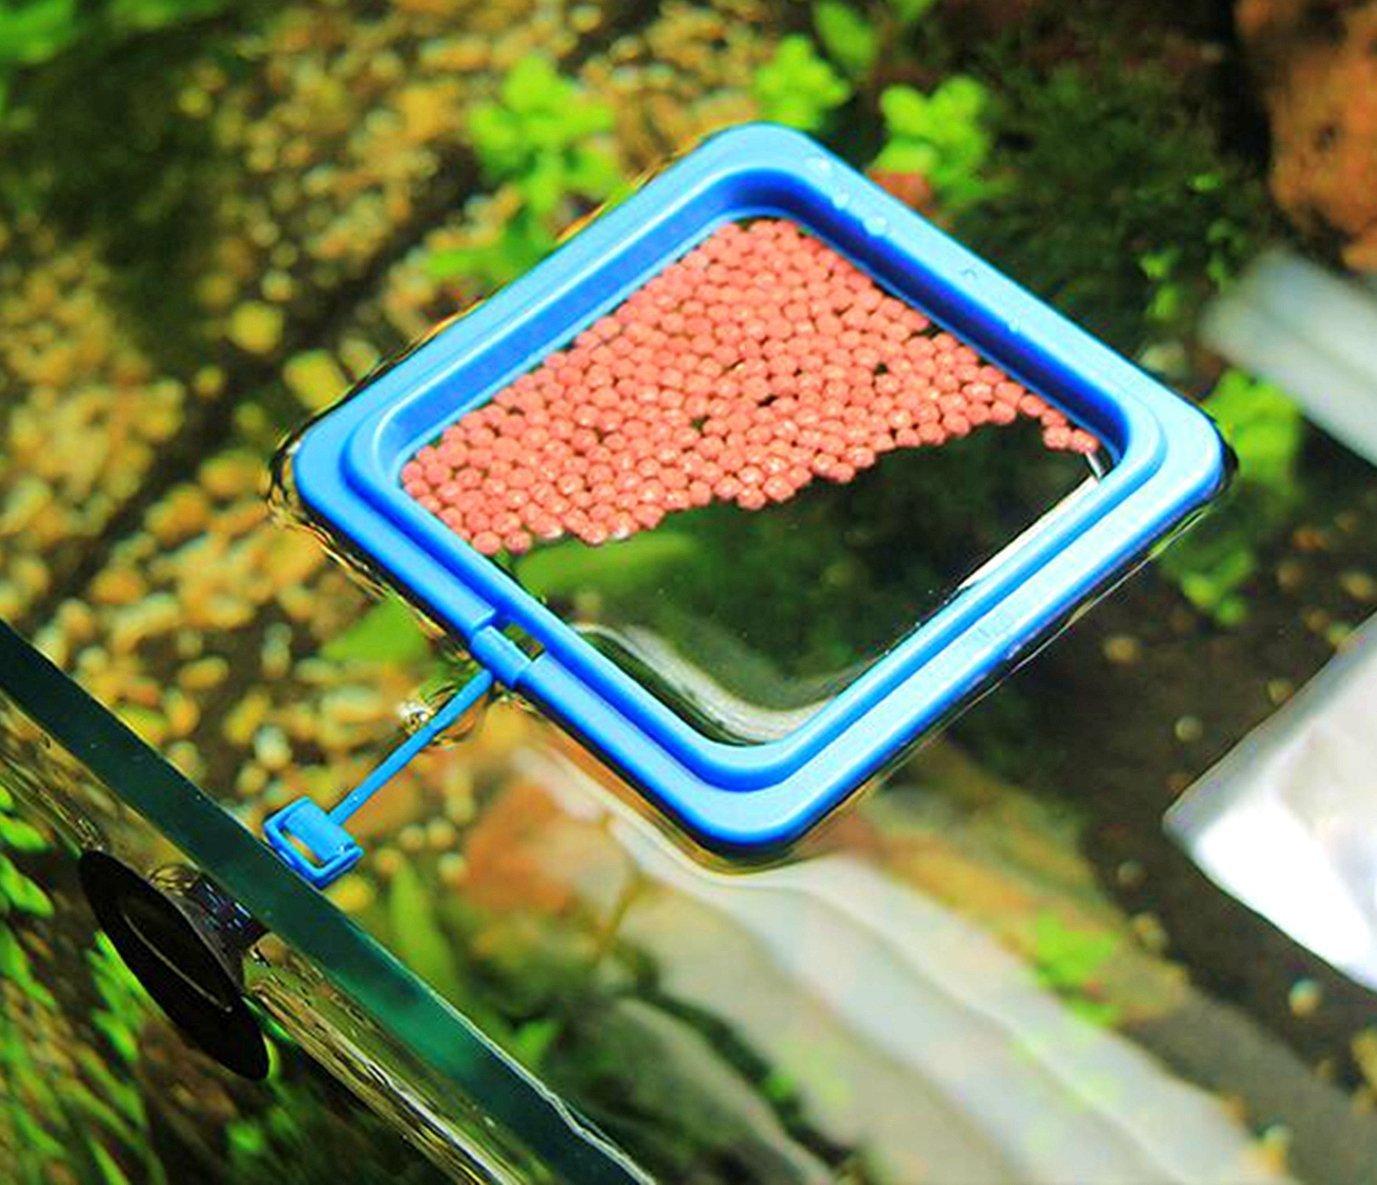 Anillo de alimentación de peces de acuario círculo flotante de alimentos, 2 juegos: Amazon.es: Productos para mascotas